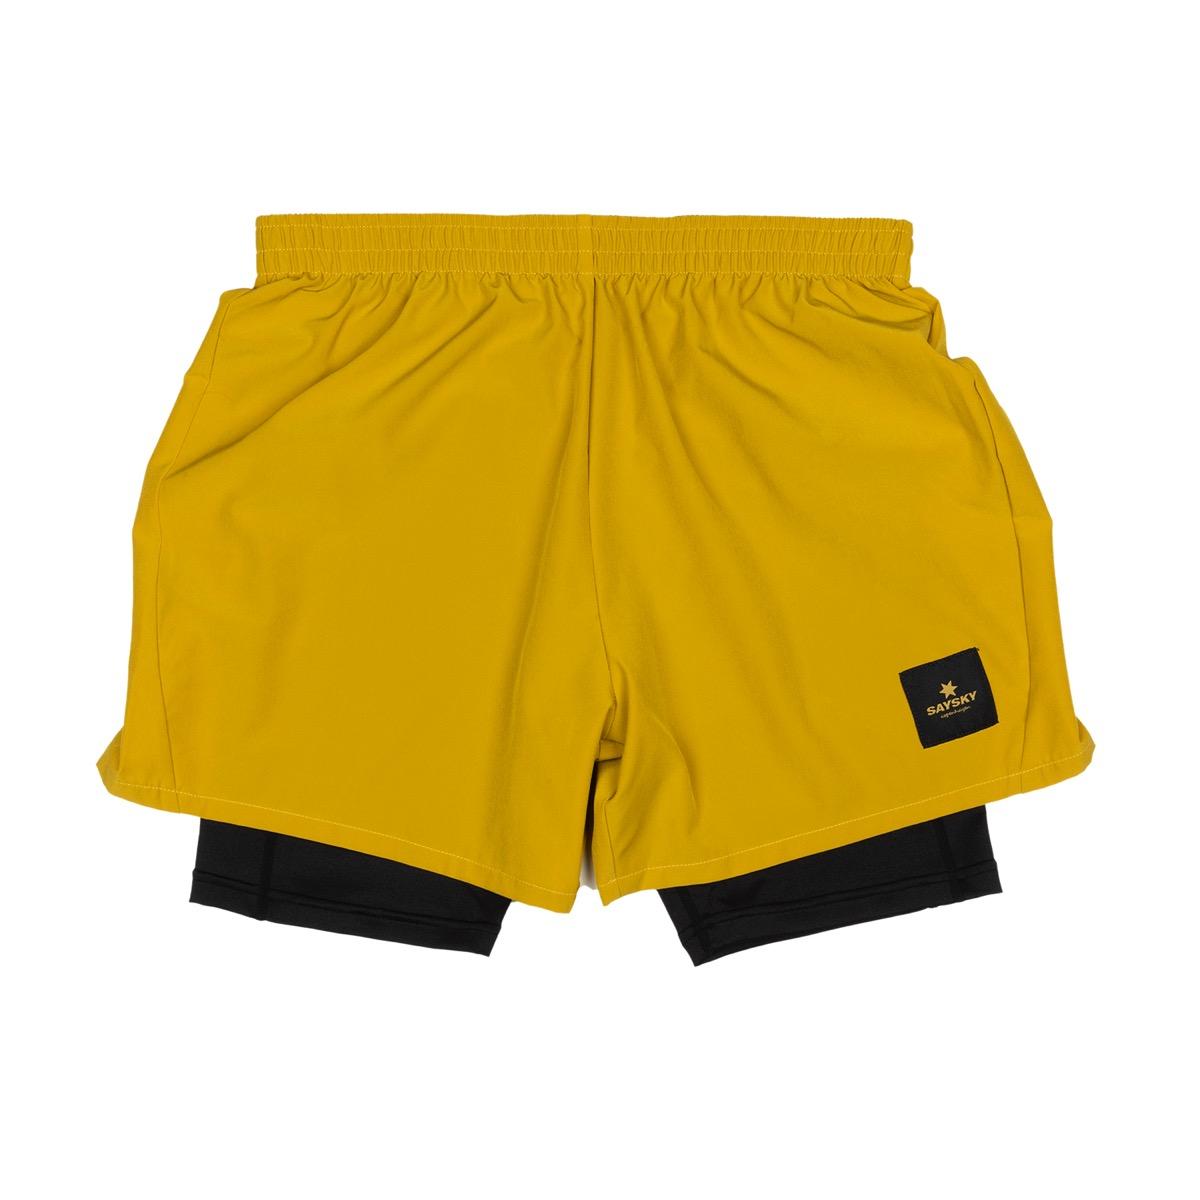 SaySky 2 In 1 Shorts Herre